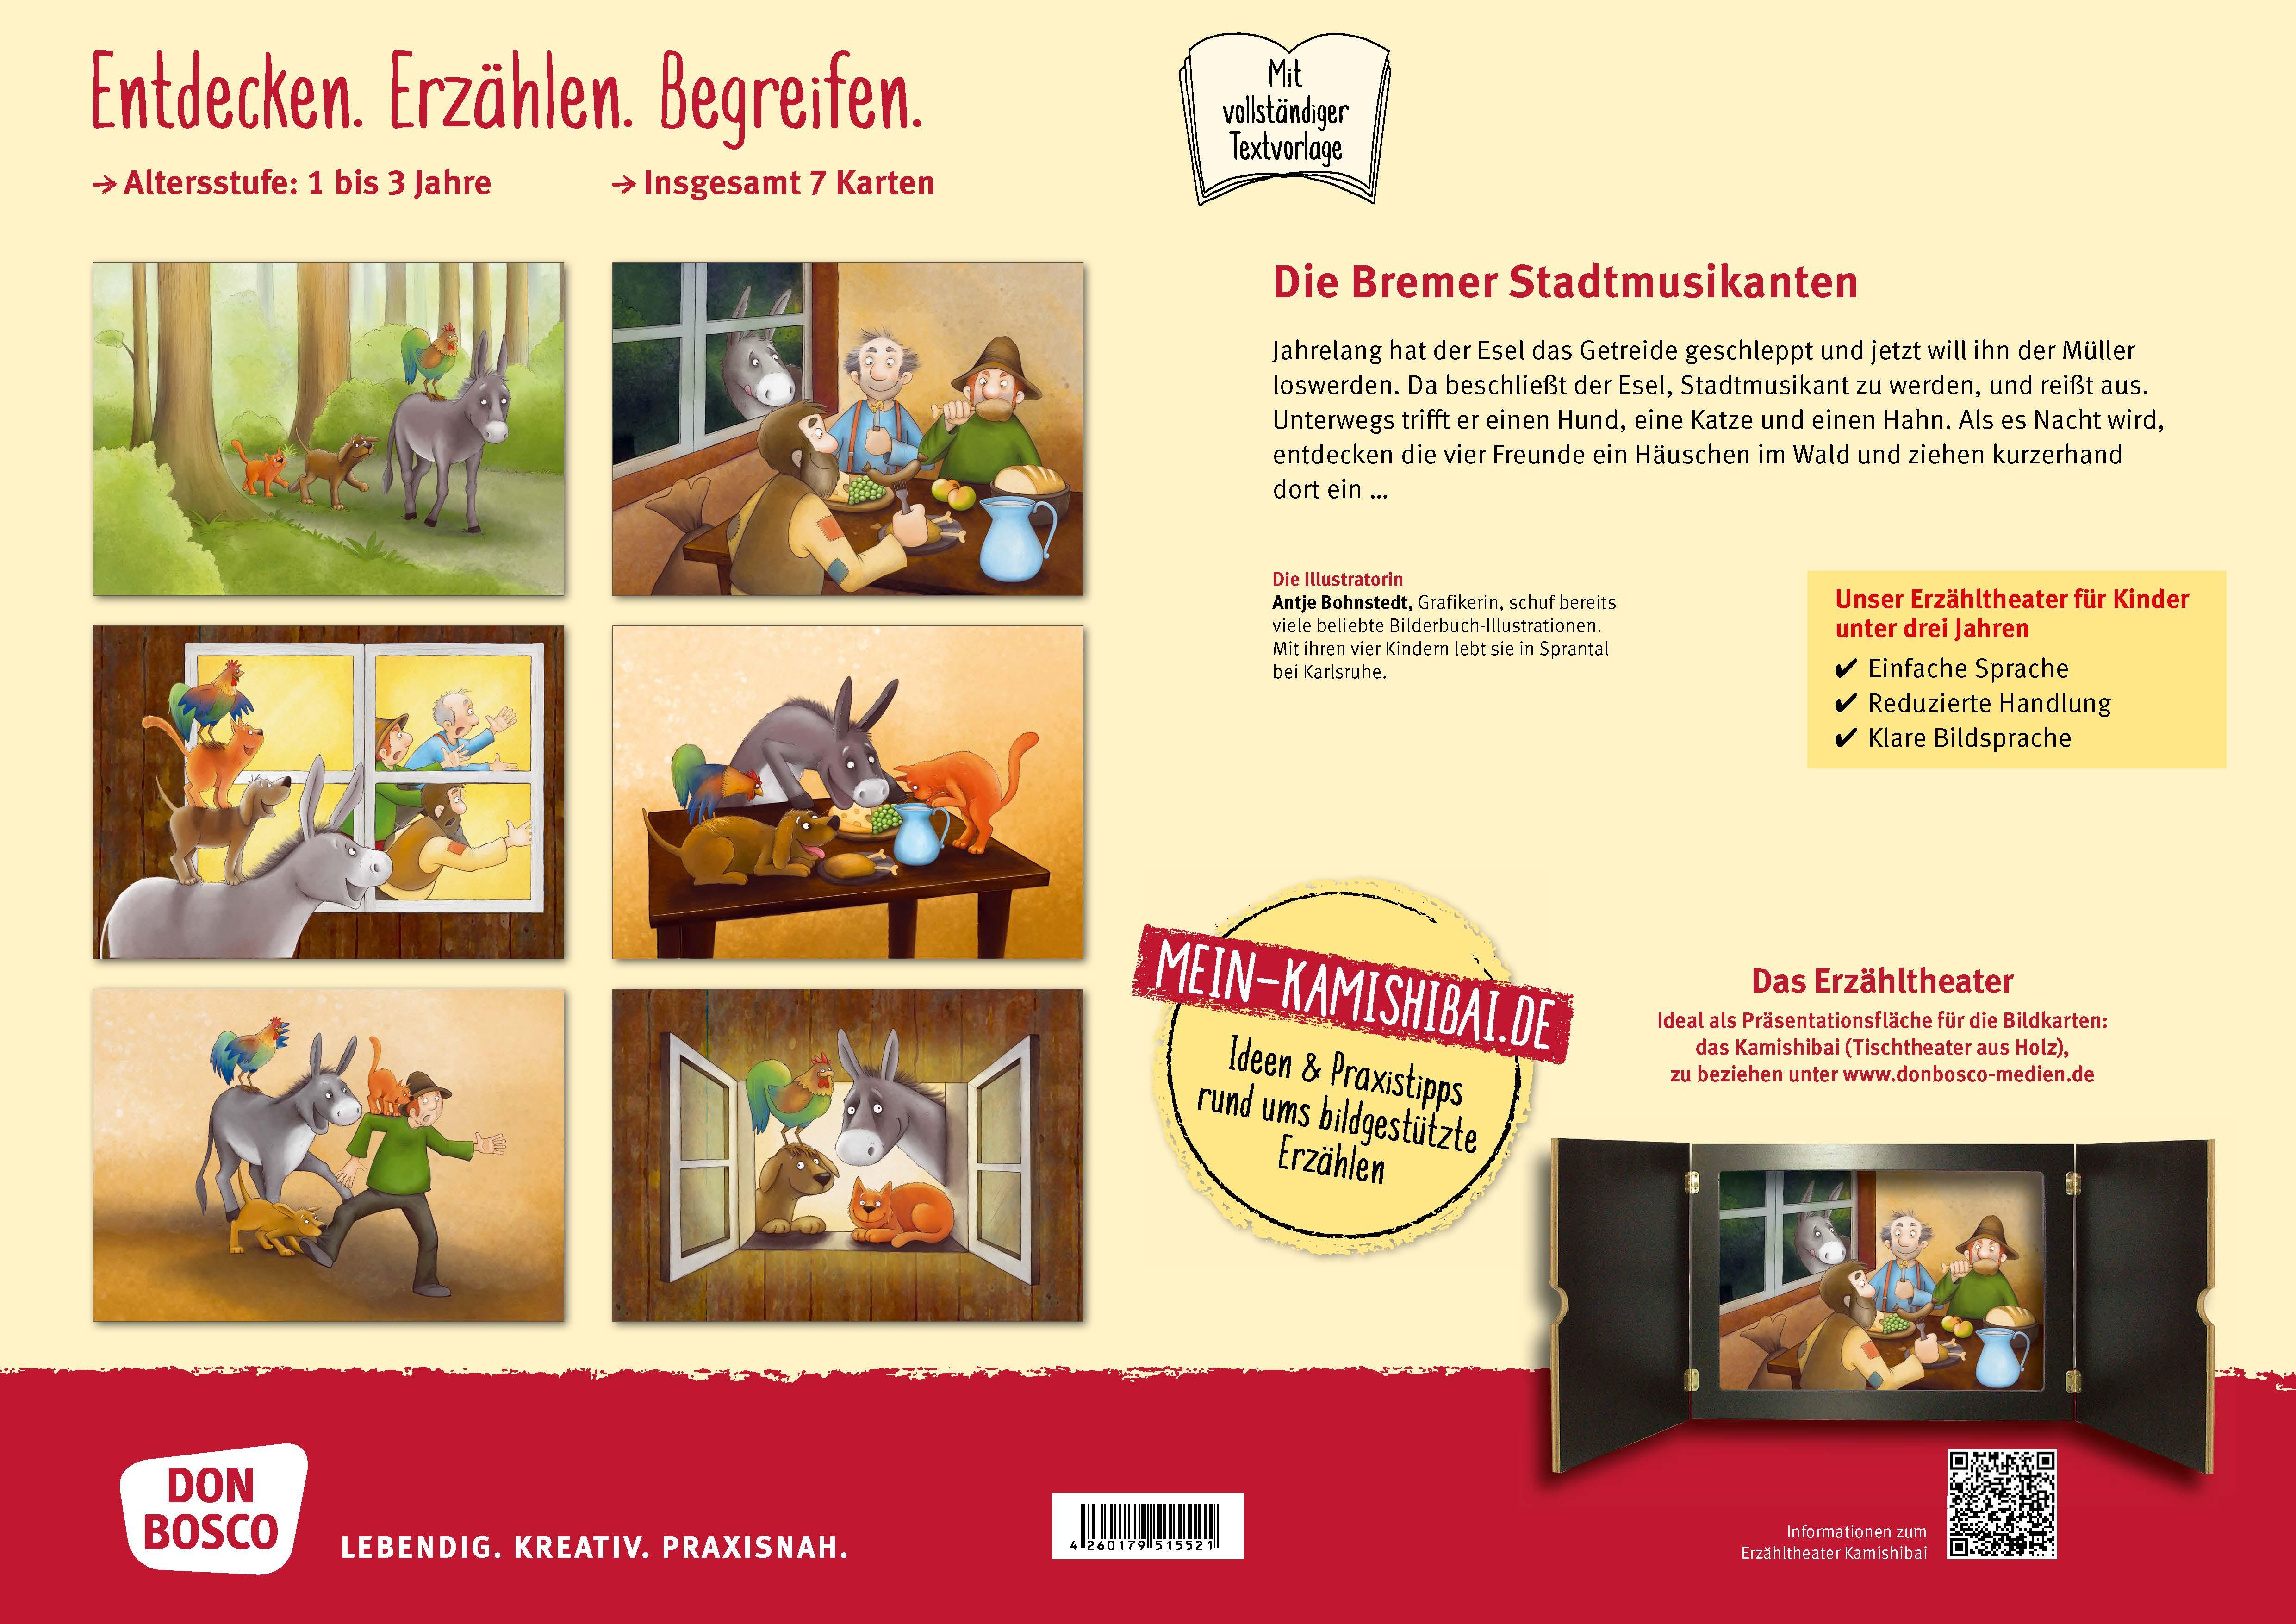 Innenansicht zu Die Bremer Stadtmusikanten. Kamishibai Bildkartenset.